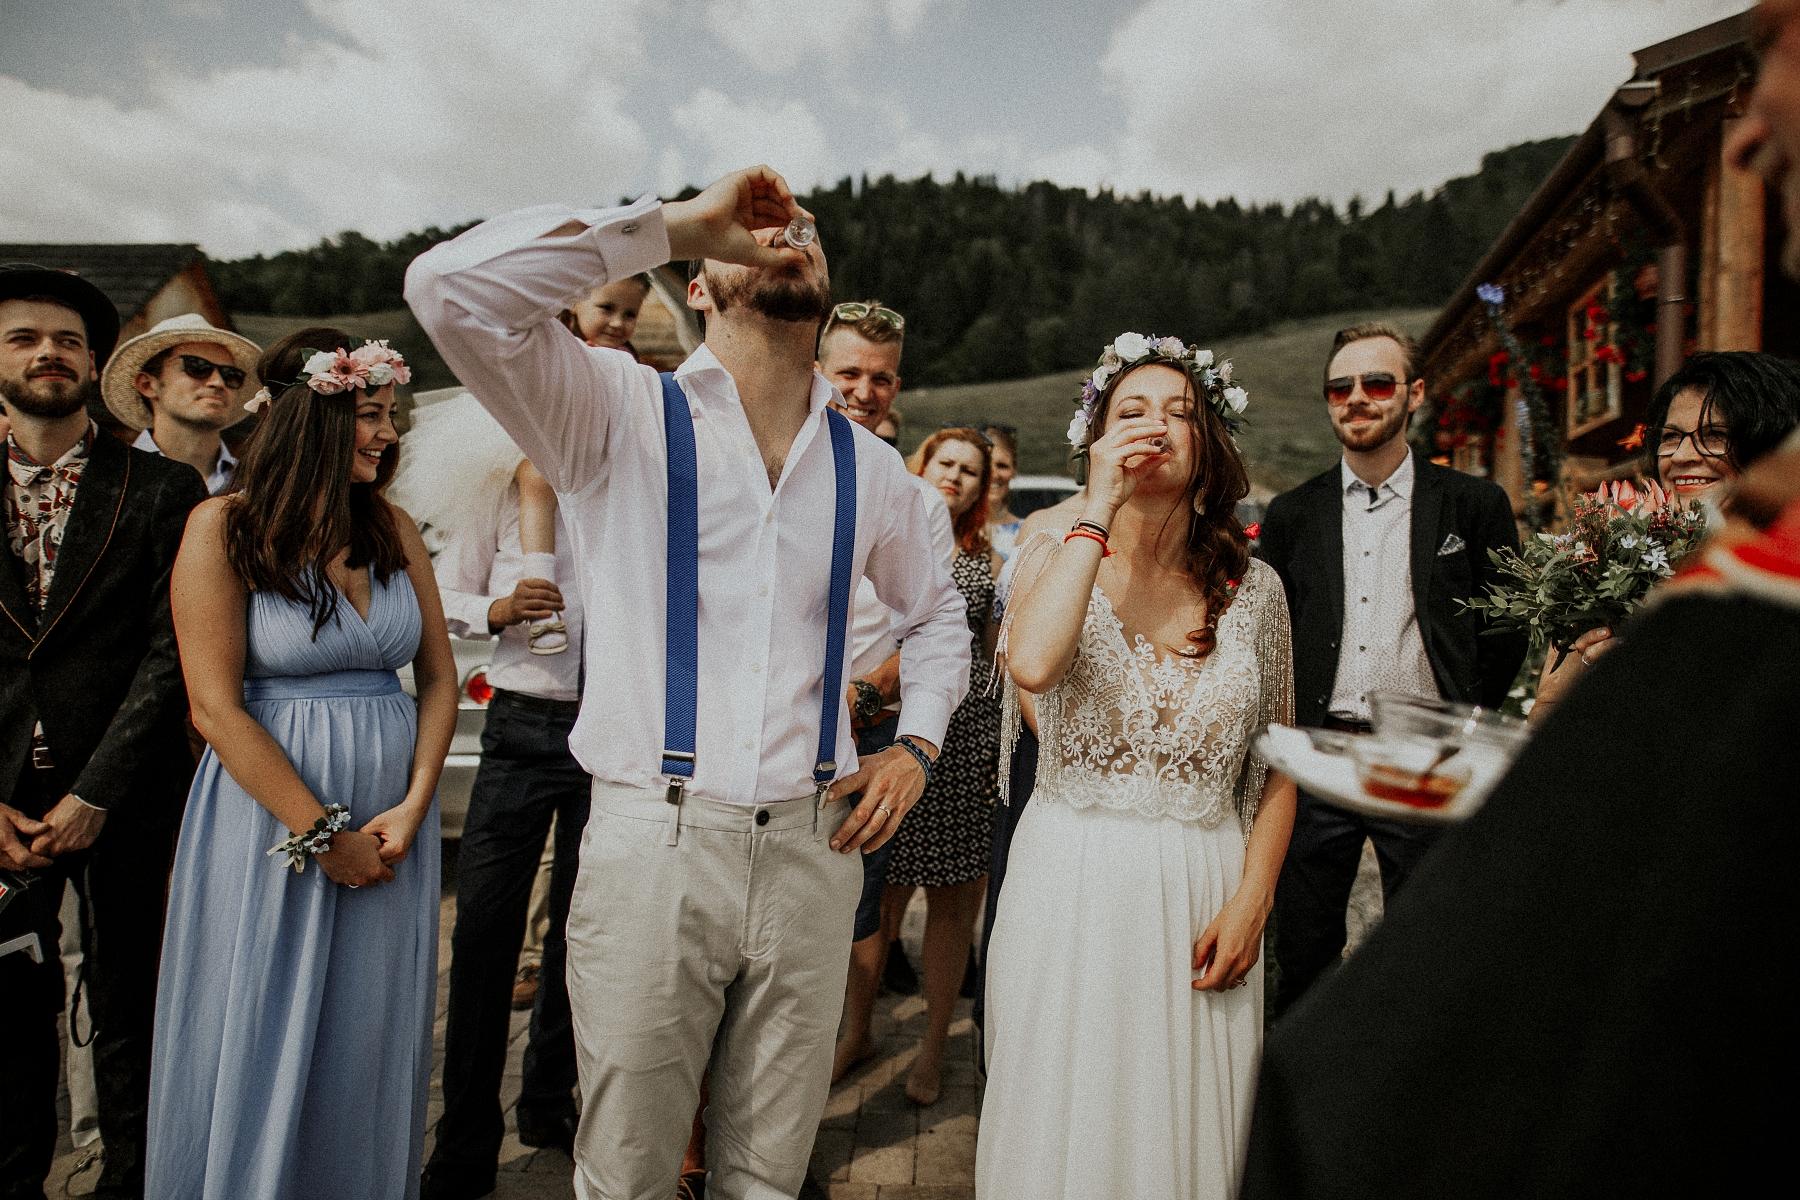 fotograf Kezmarok, Poprad, Tatry, fotenie v tatrach, fotograf Presov, lubos krahulec, slovensky raj, kameraman, fotograf vychod, stara lubovna, kosice, levoca, fotograf na svadbu, svadobne saty, kytica